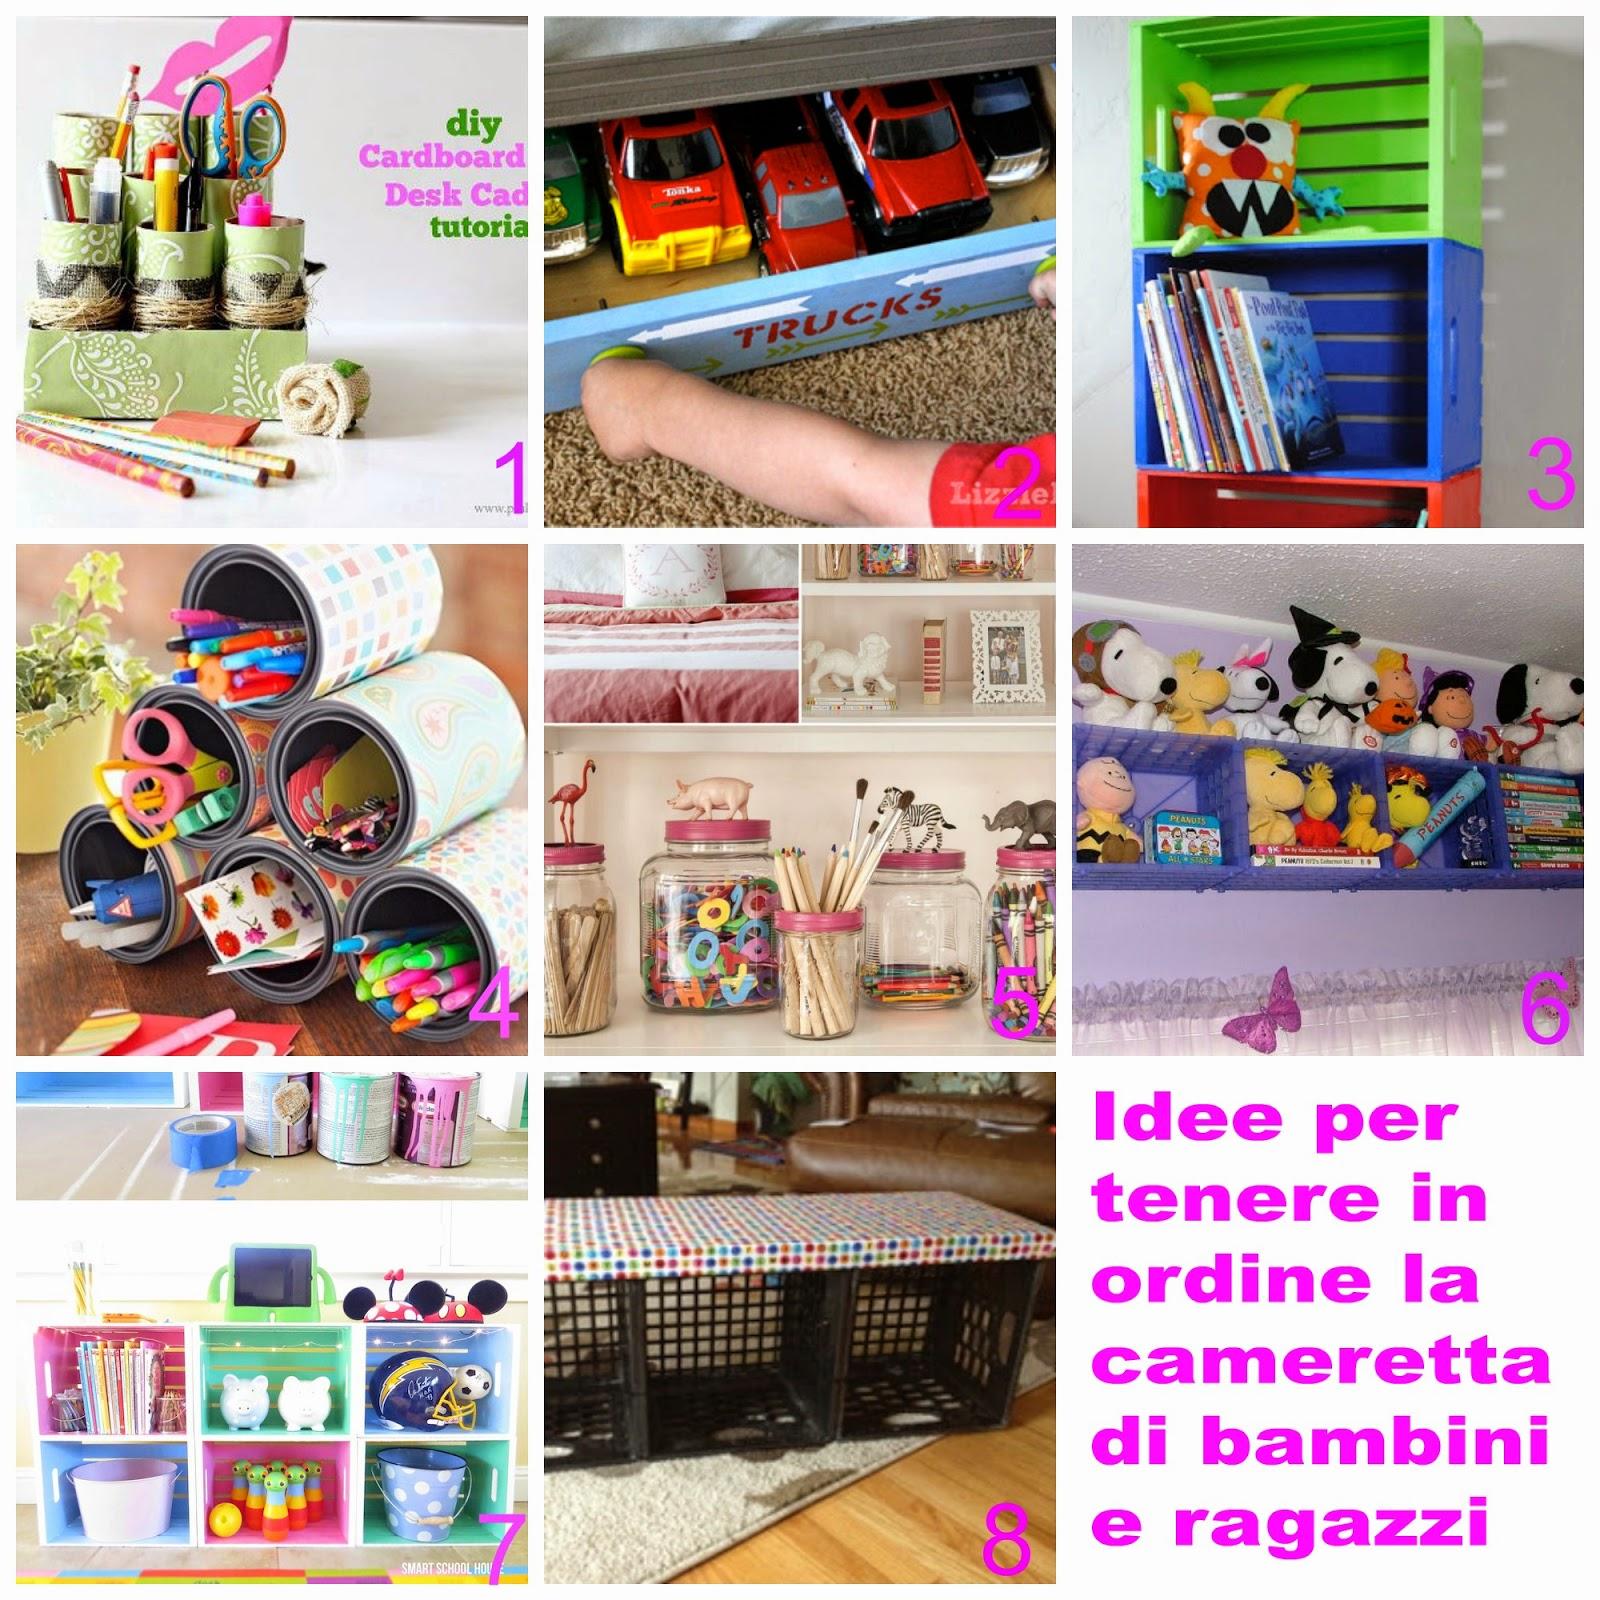 Oggetti tumblr camera qn61 regardsdefemmes for Cose per decorare la camera